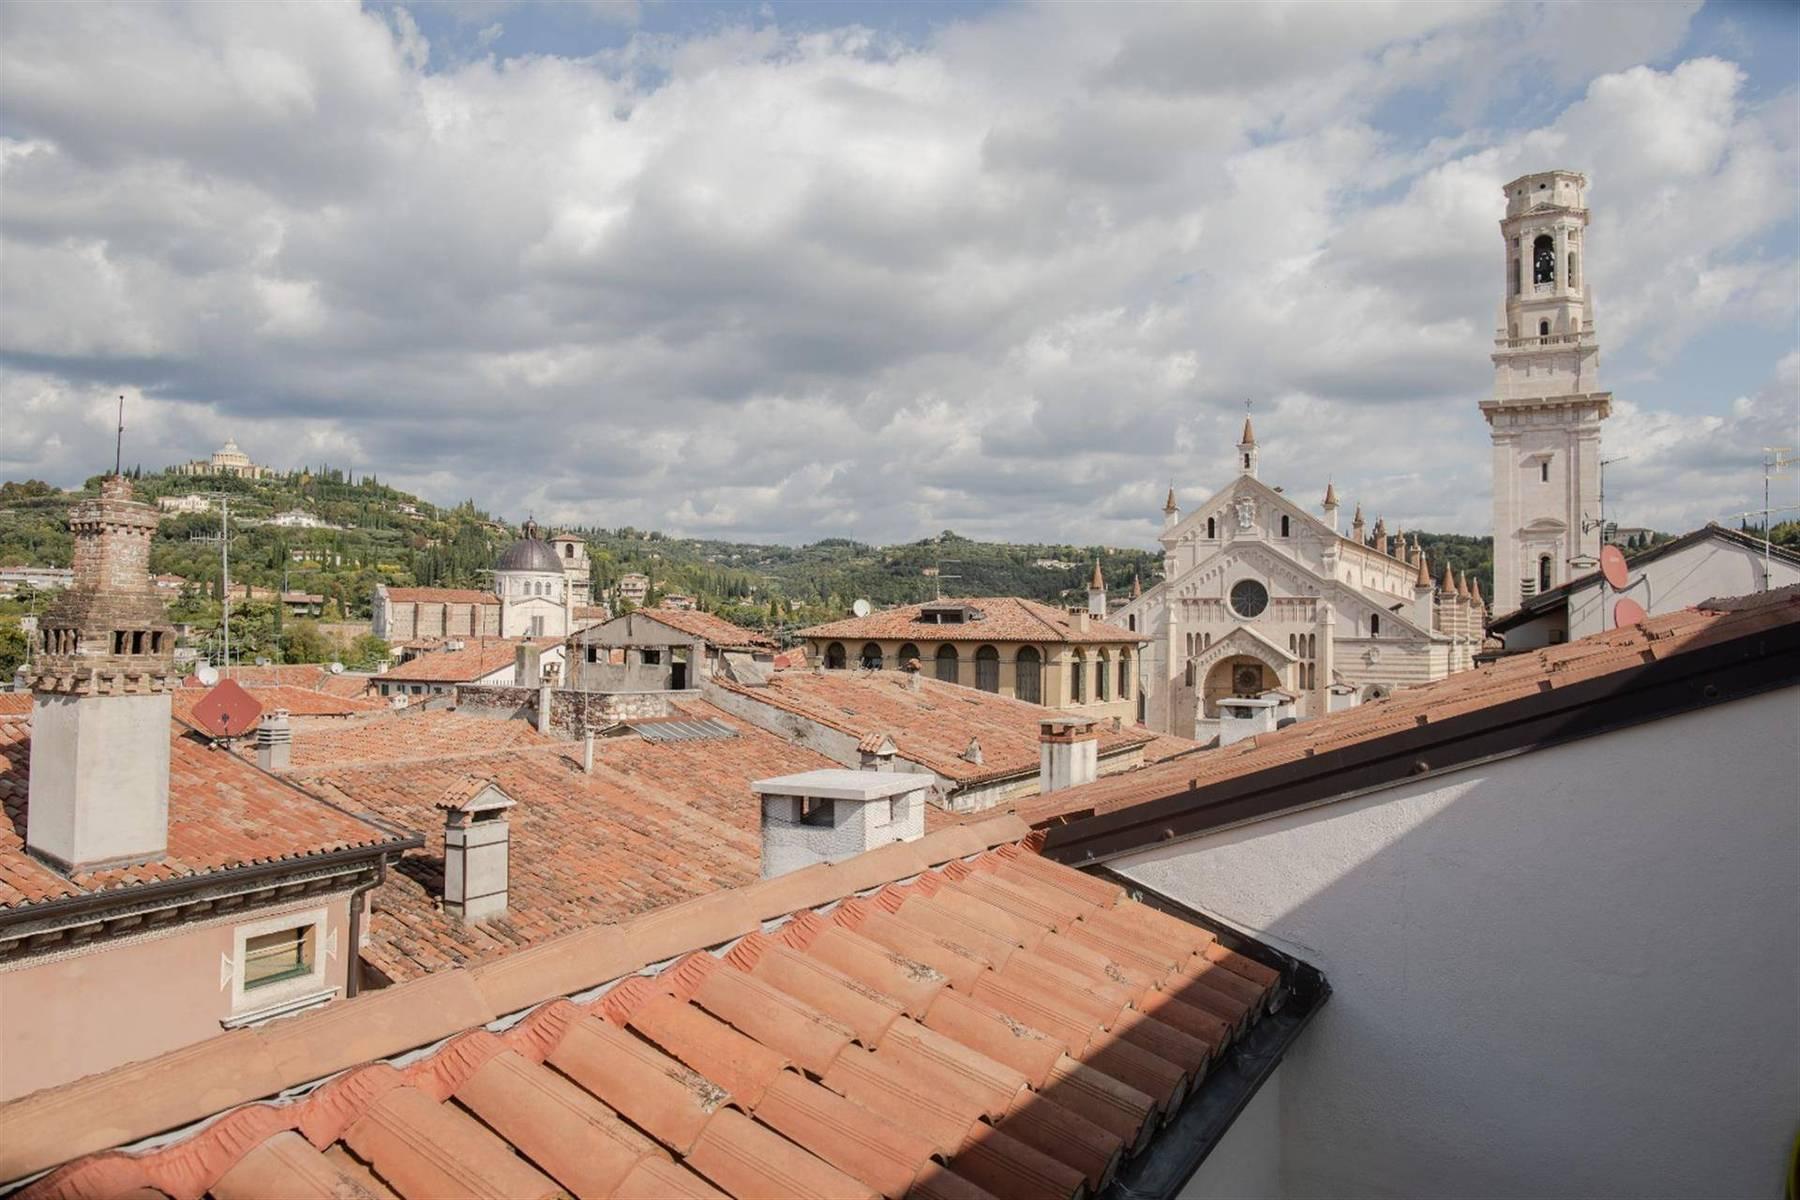 位于维罗纳(Verona)中心的典雅顶层公寓 - 7